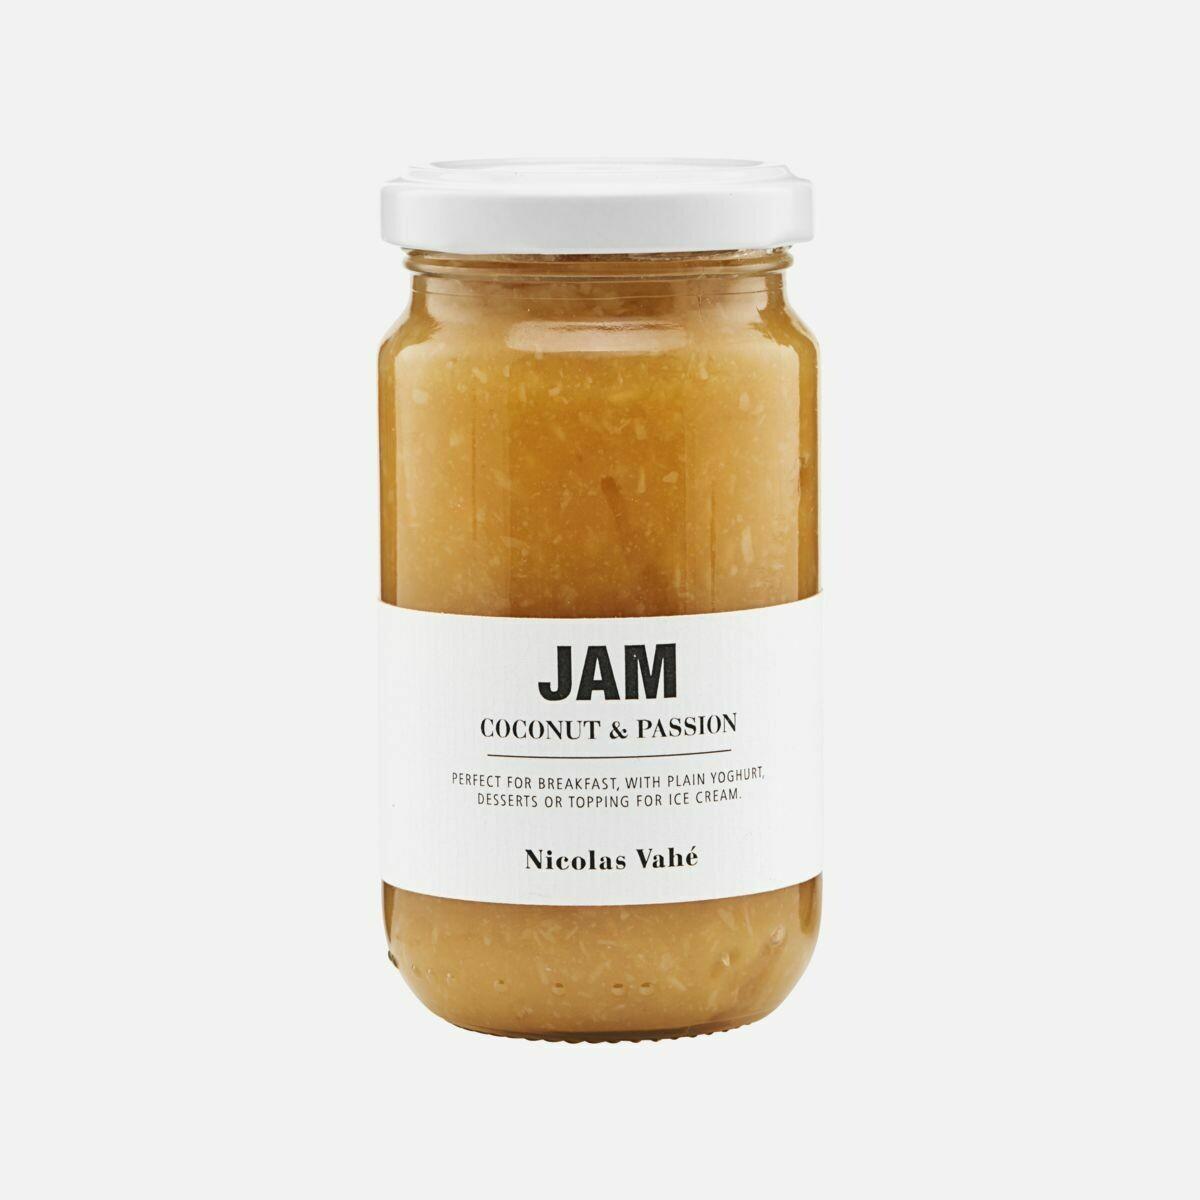 Jam, Coconut & Passion